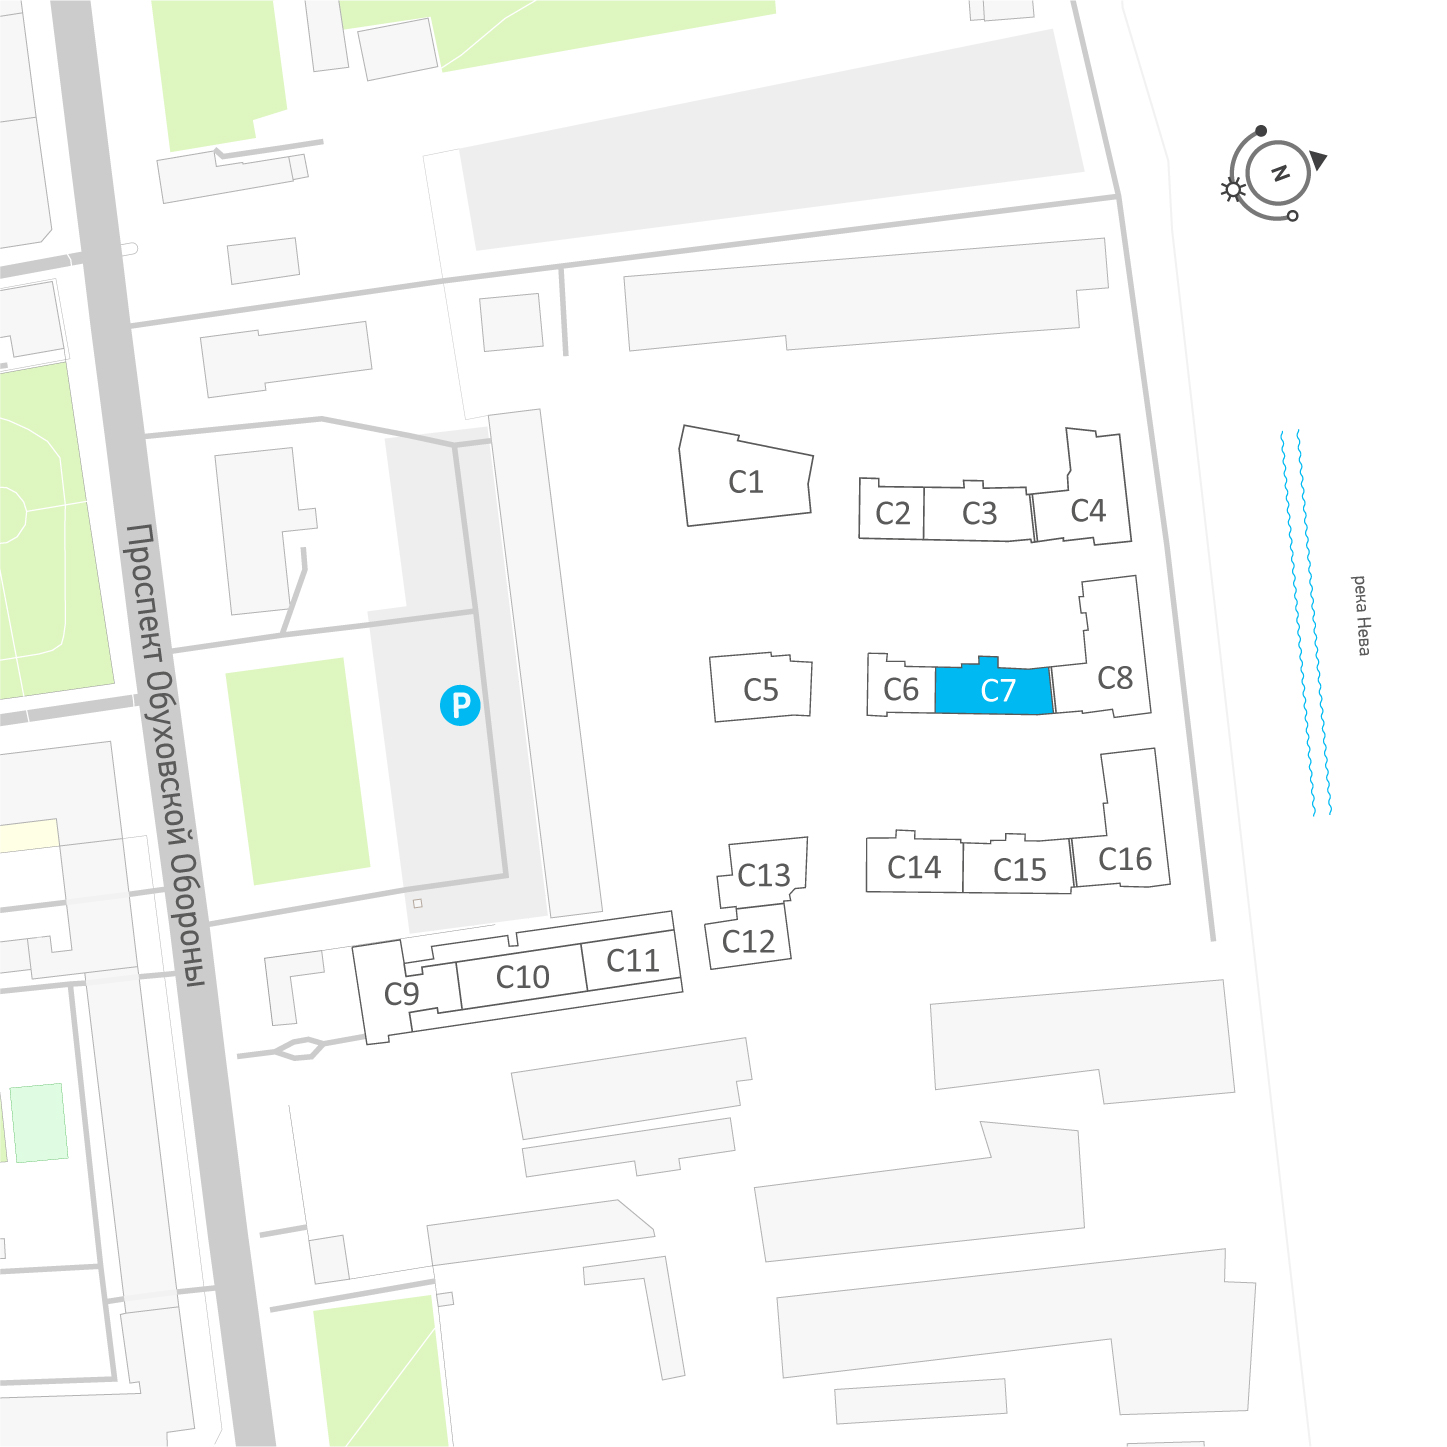 планировка трехкомнатной квартиры в ЖК «Эталон на Неве» №547